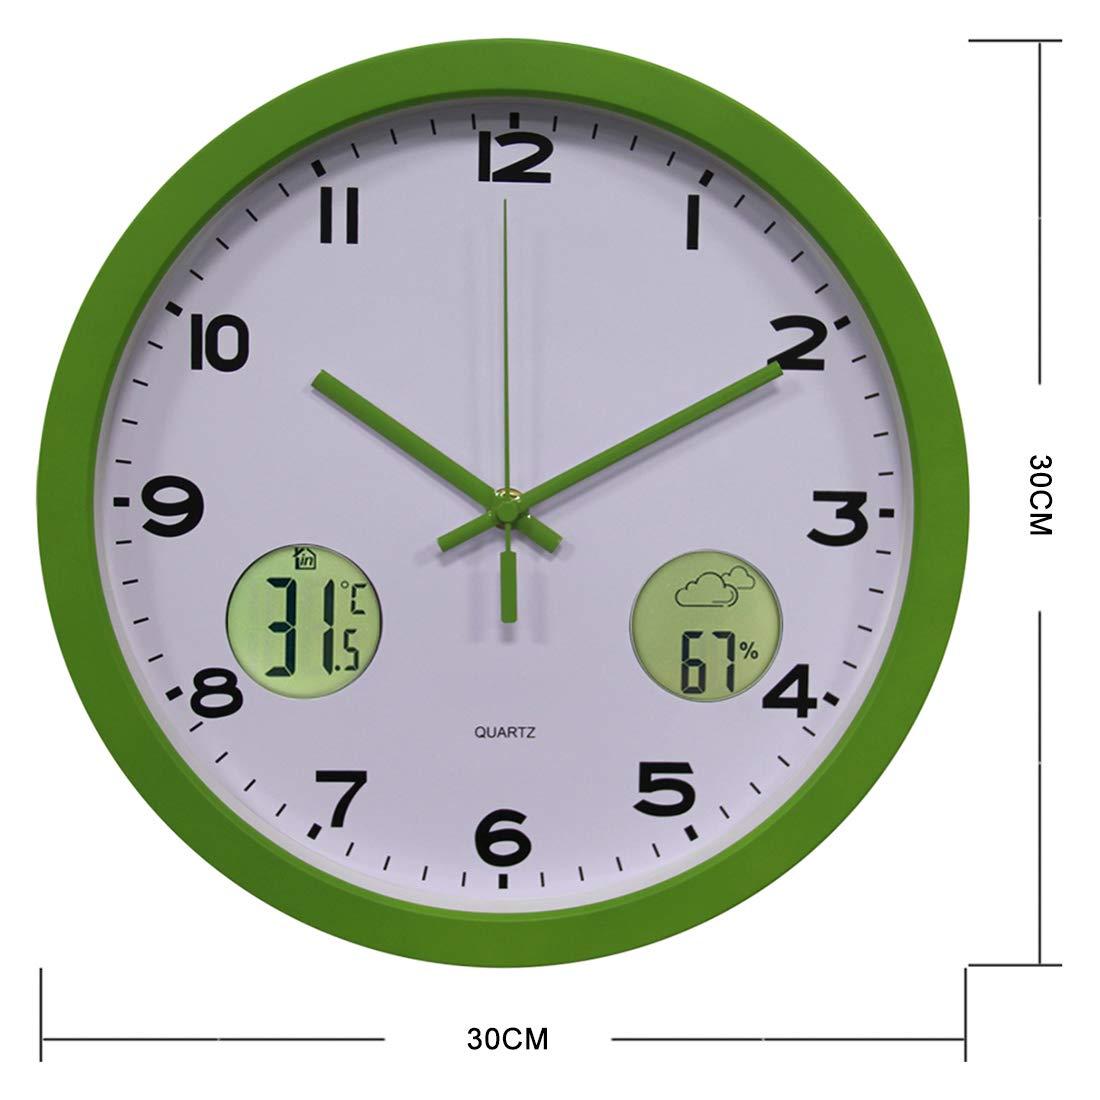 30CM Pendule Murale avec Thermom/ètre et pr/évisions m/ét/éo Silencieuse Moderne Metal Ronde pour Cuisine Salon Searchyou Bureau - Horloge Murale Radio Pilot/ée Chambre Argent/é